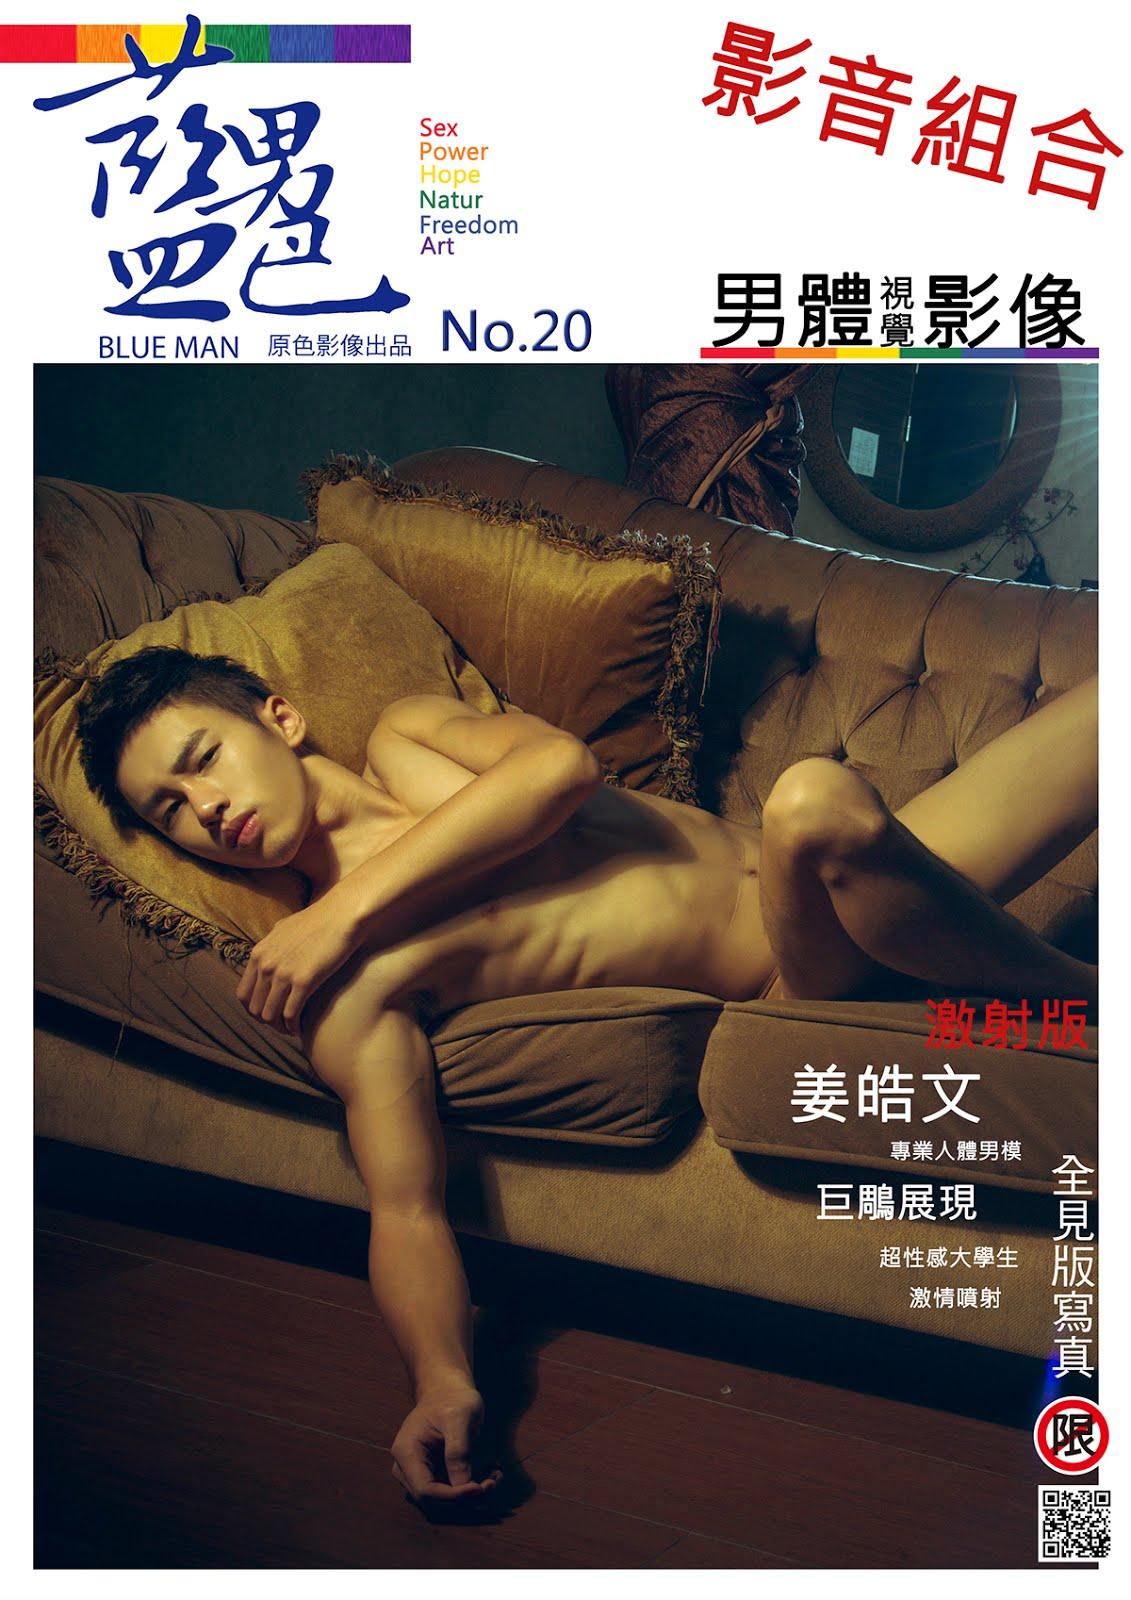 藍男色-20 姜皓文【全見寫真上下合集+獨家映像】獨家映像僅支援APP播放